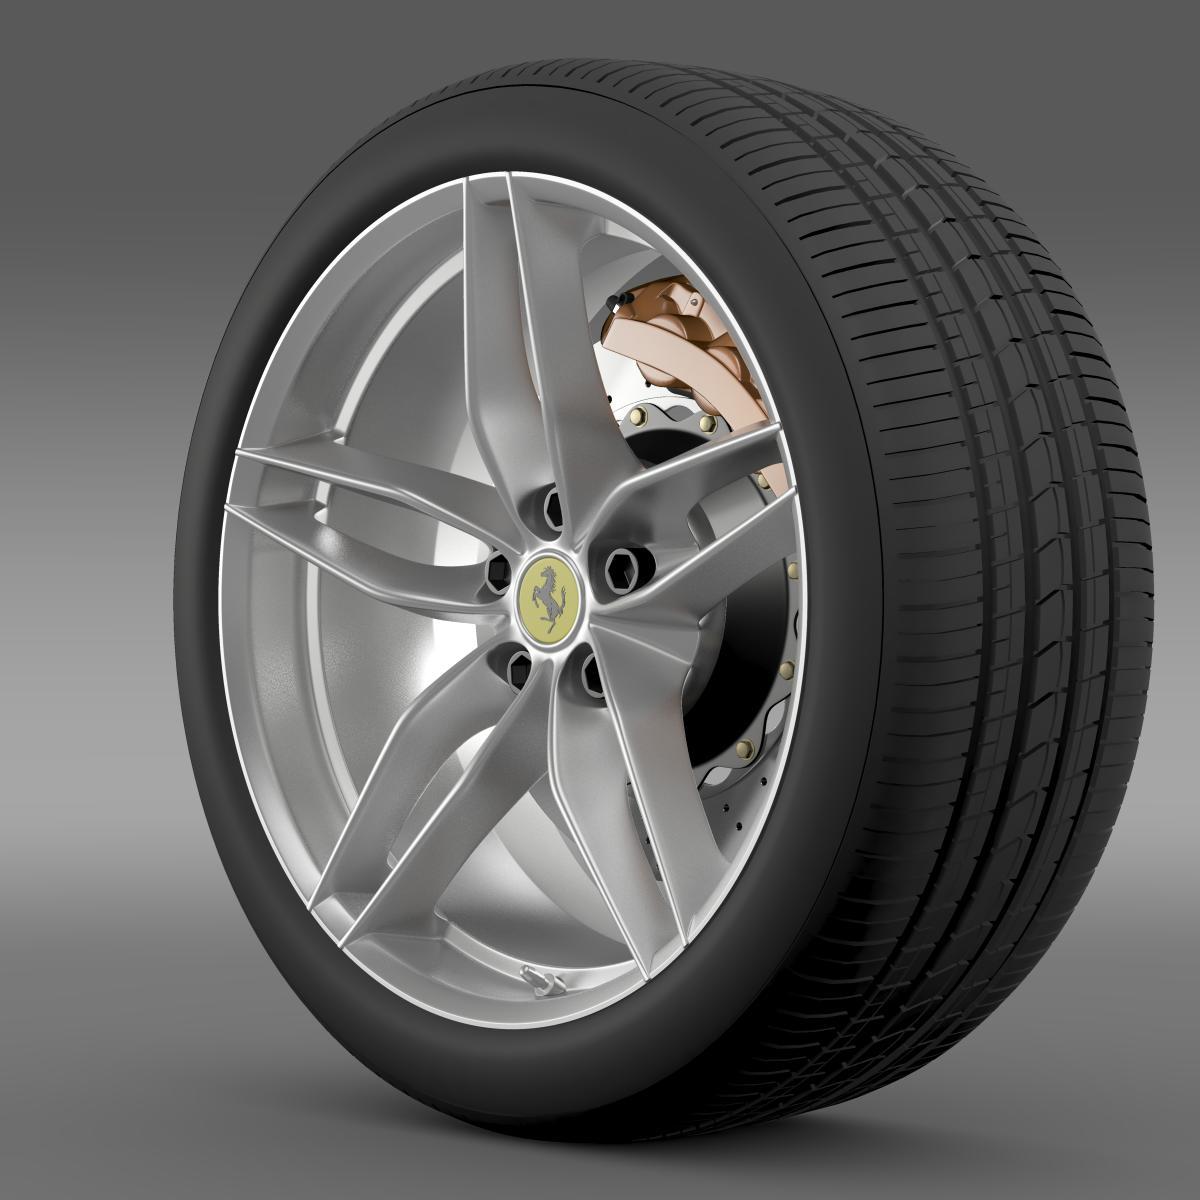 ferrari 488 gtb 2015 wheel 3d model 3ds max fbx c4d lwo ma mb hrc xsi obj 210682